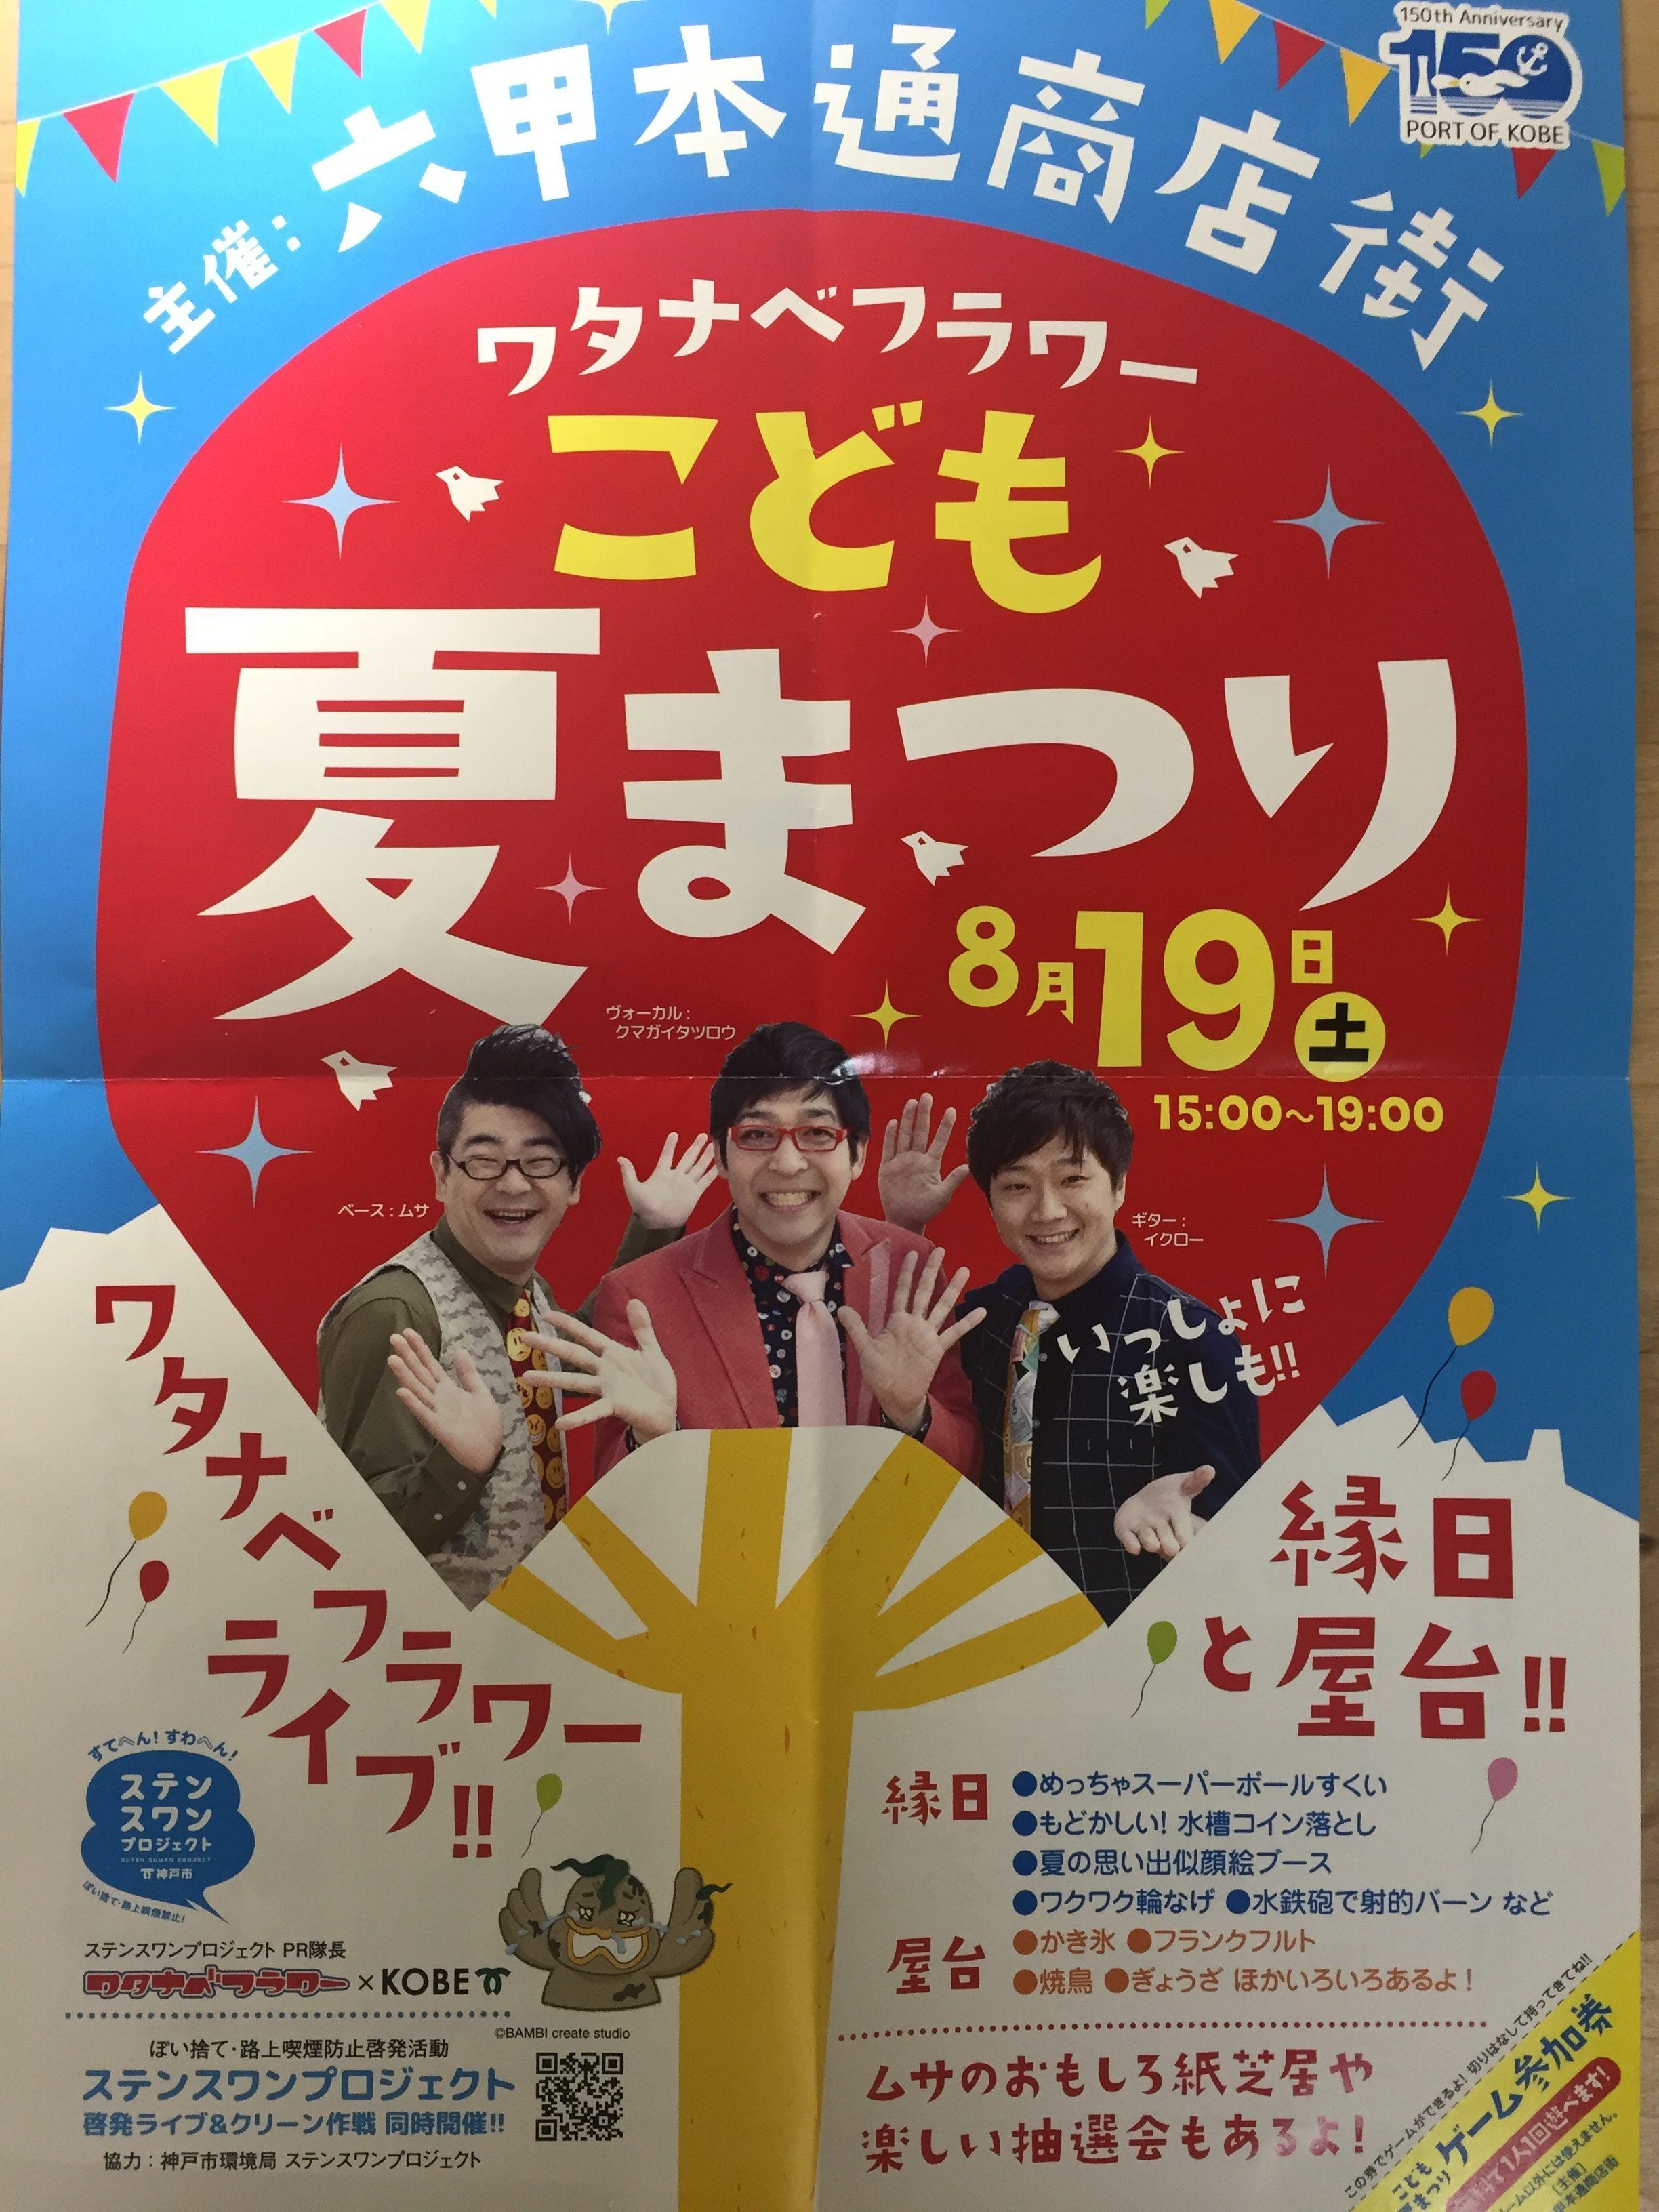 神戸・灘の六甲本通商店街で8/19(土)「ワタナベフラワー こども夏まつり」が開催されるよ #ワタナベフラワー